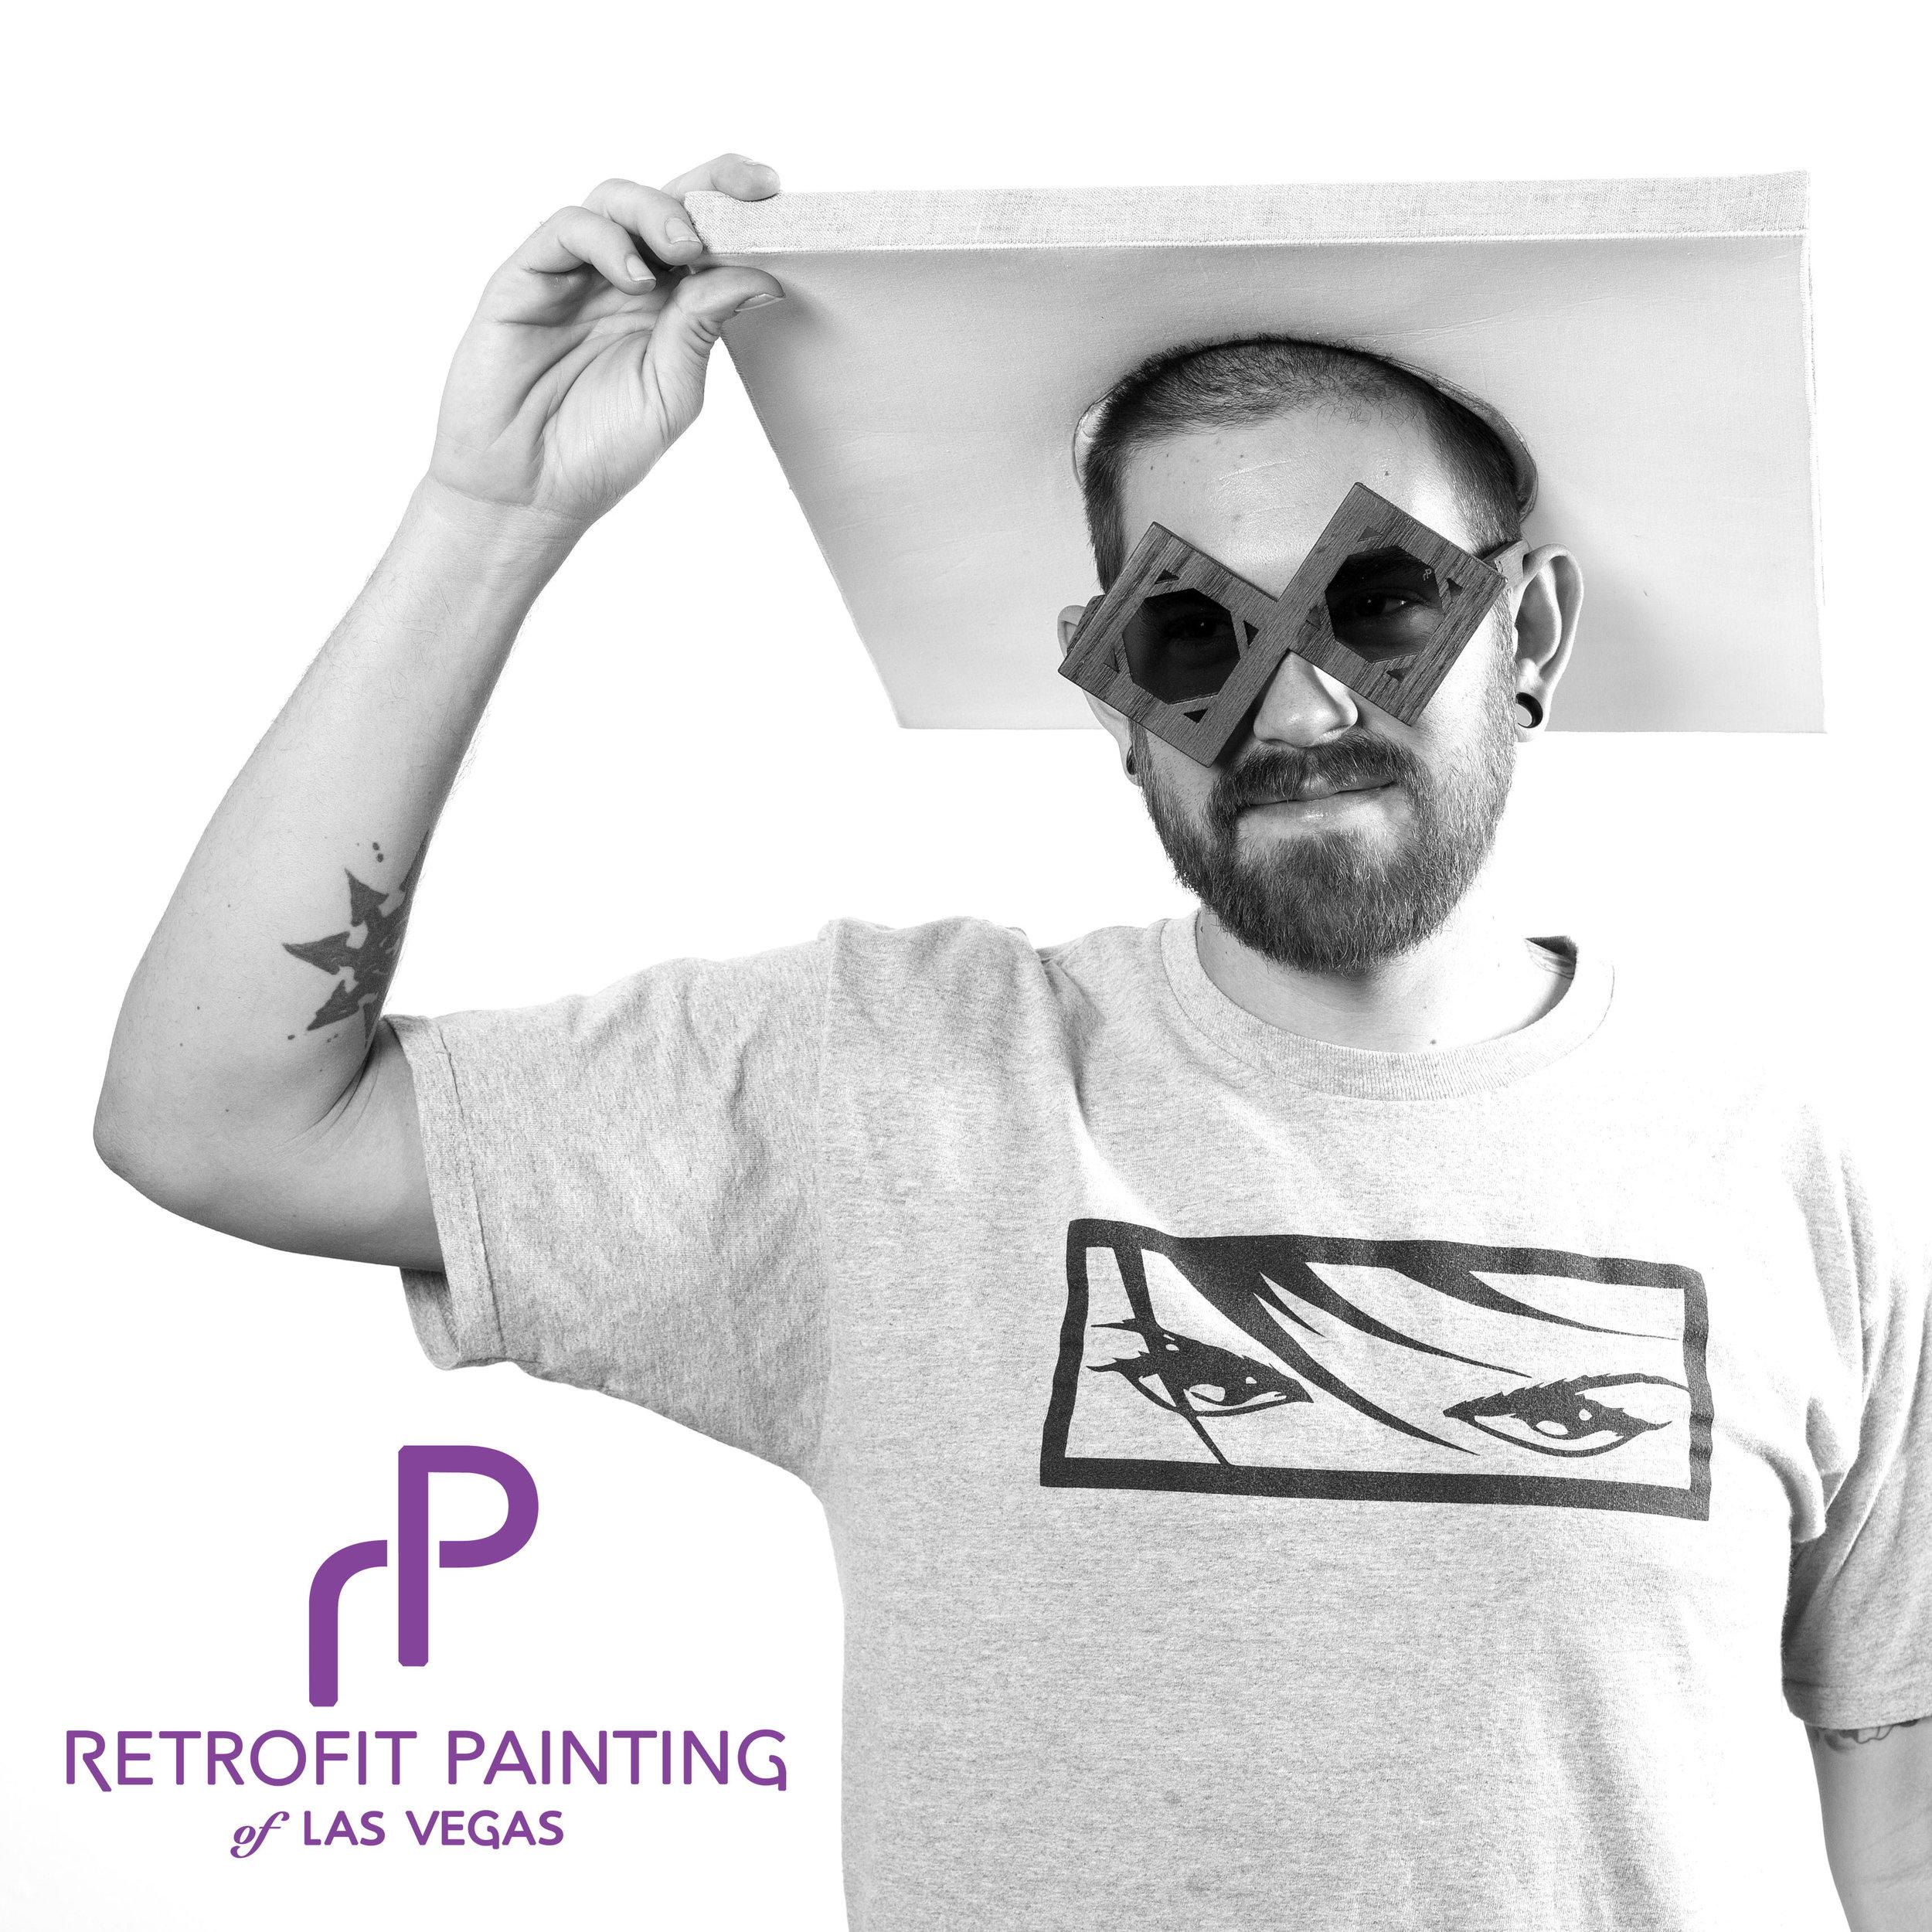 Thomas_Willis_Retrofit_Painting_0025(2).jpg